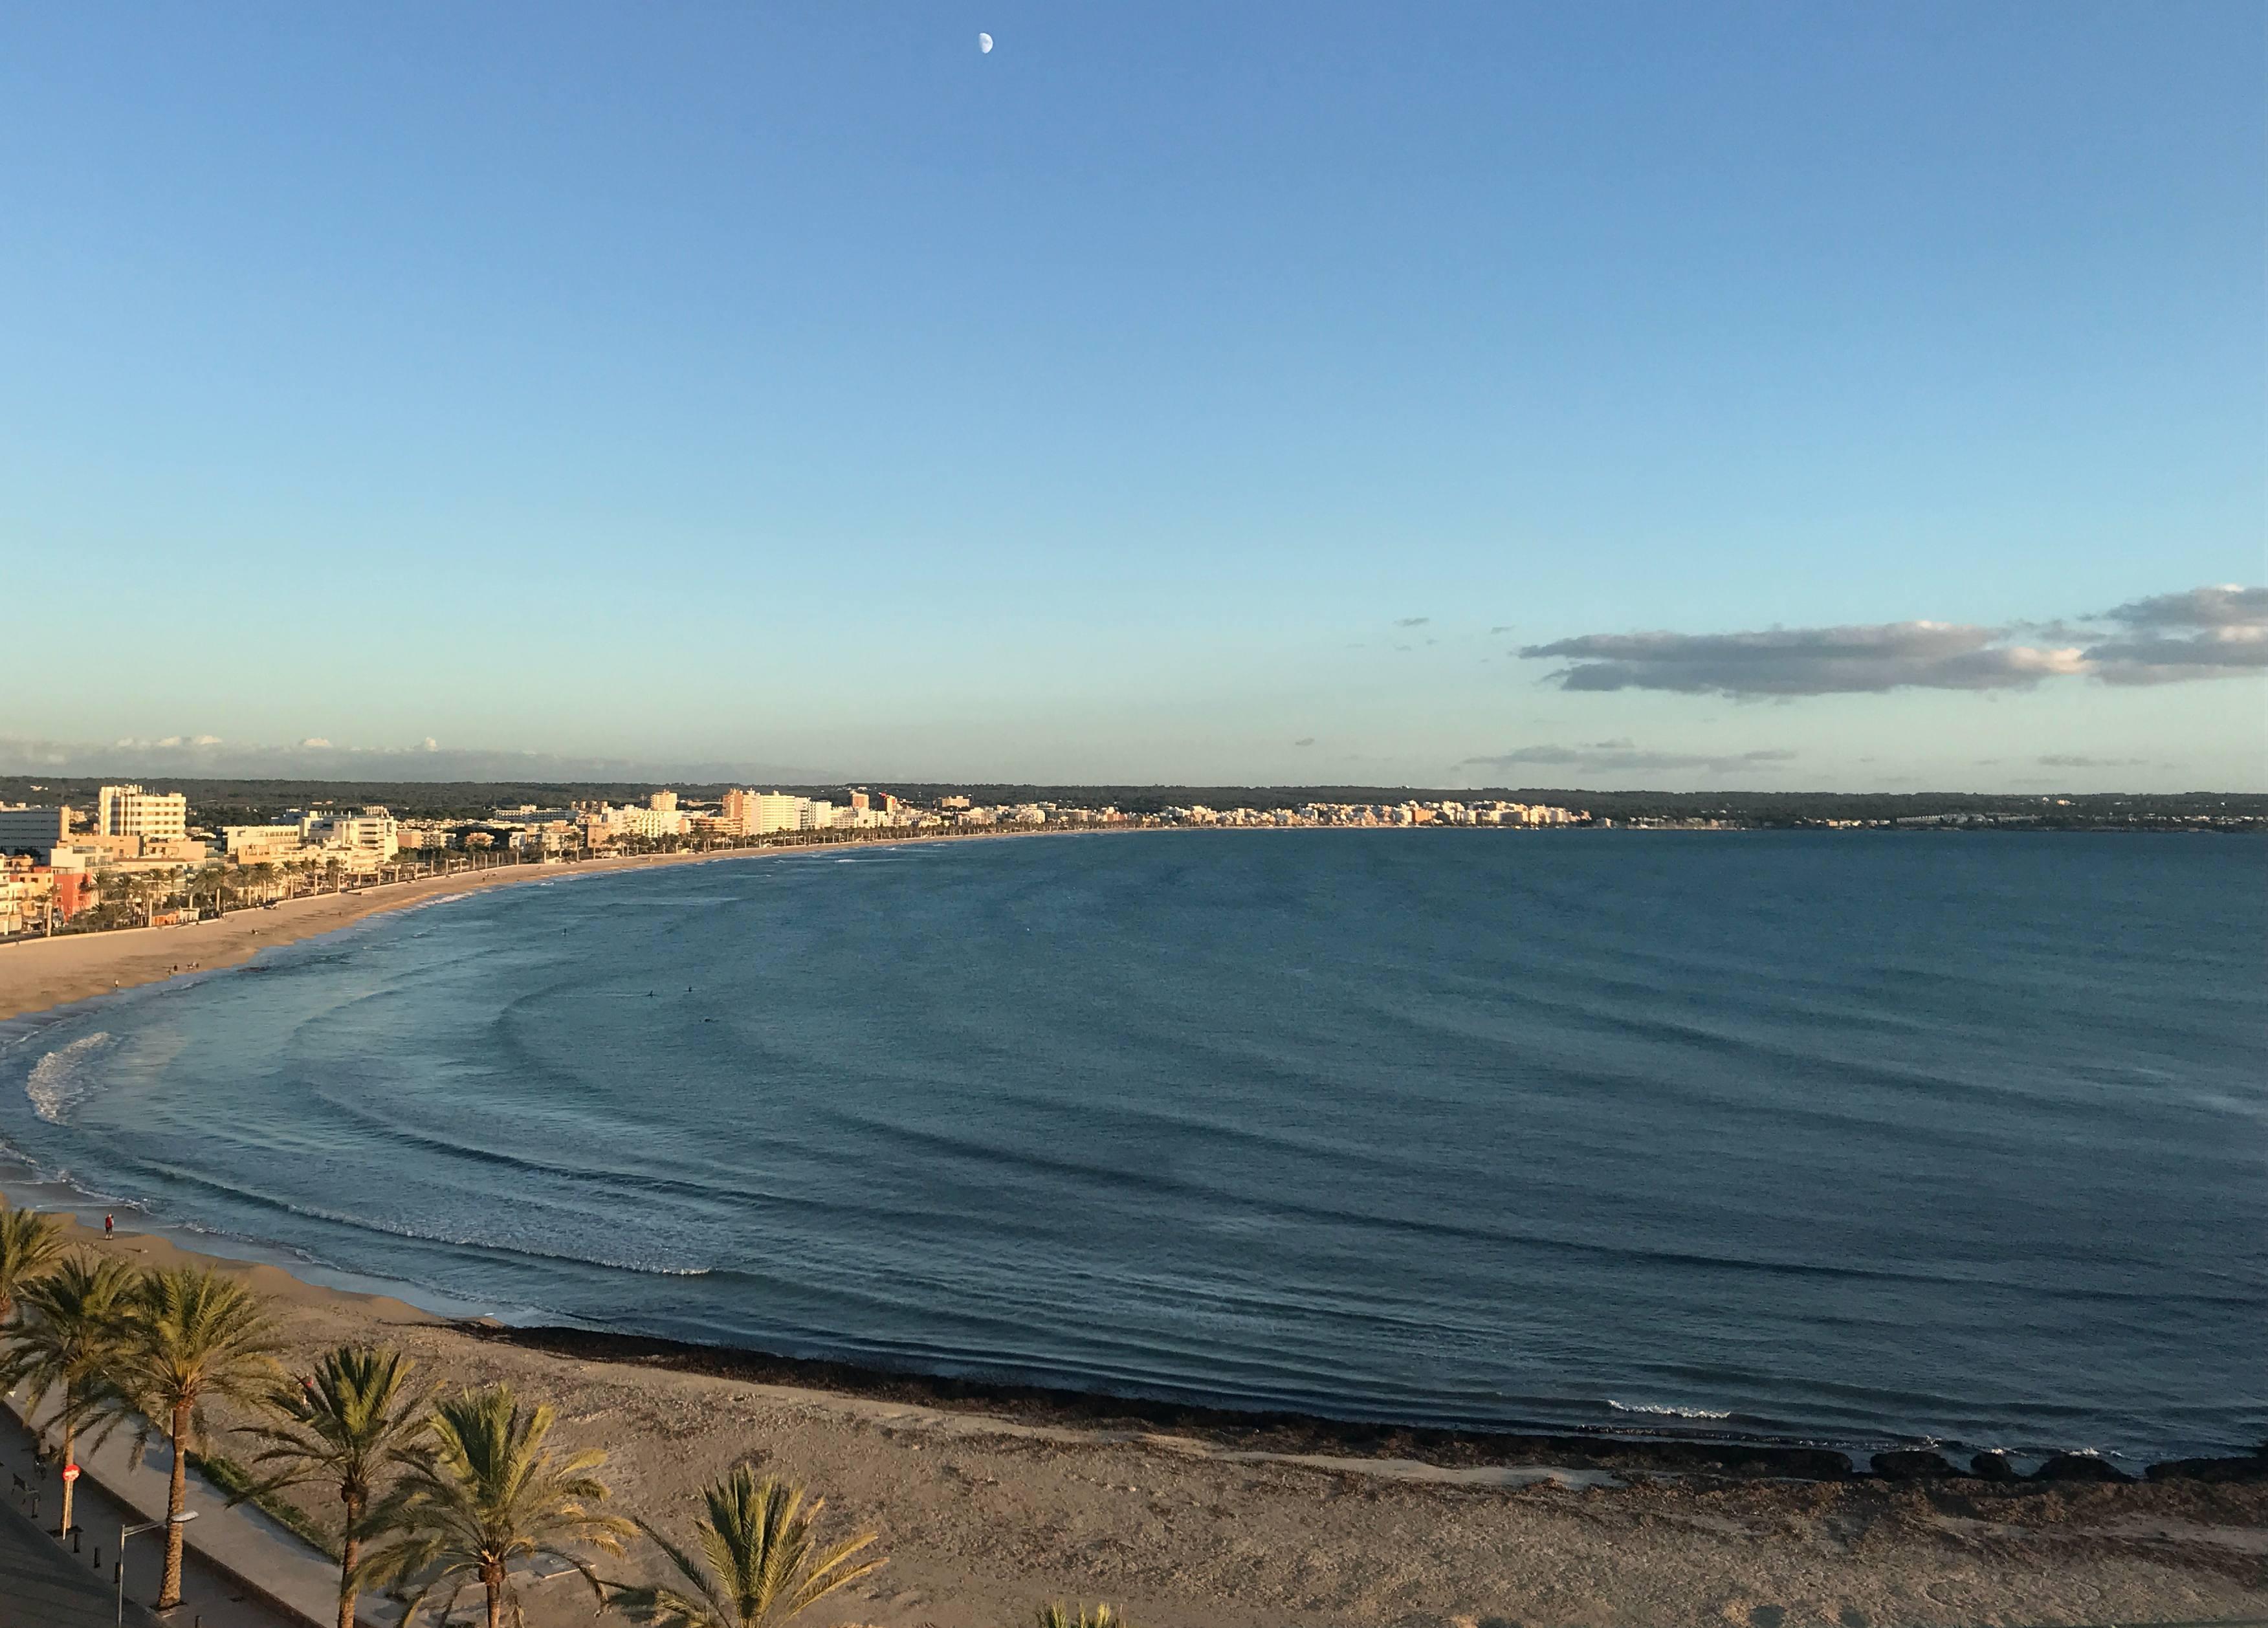 Vista panorámica de la Playa de Palma desde el Skybar del Hotel Las Arenas en Can Pastilla